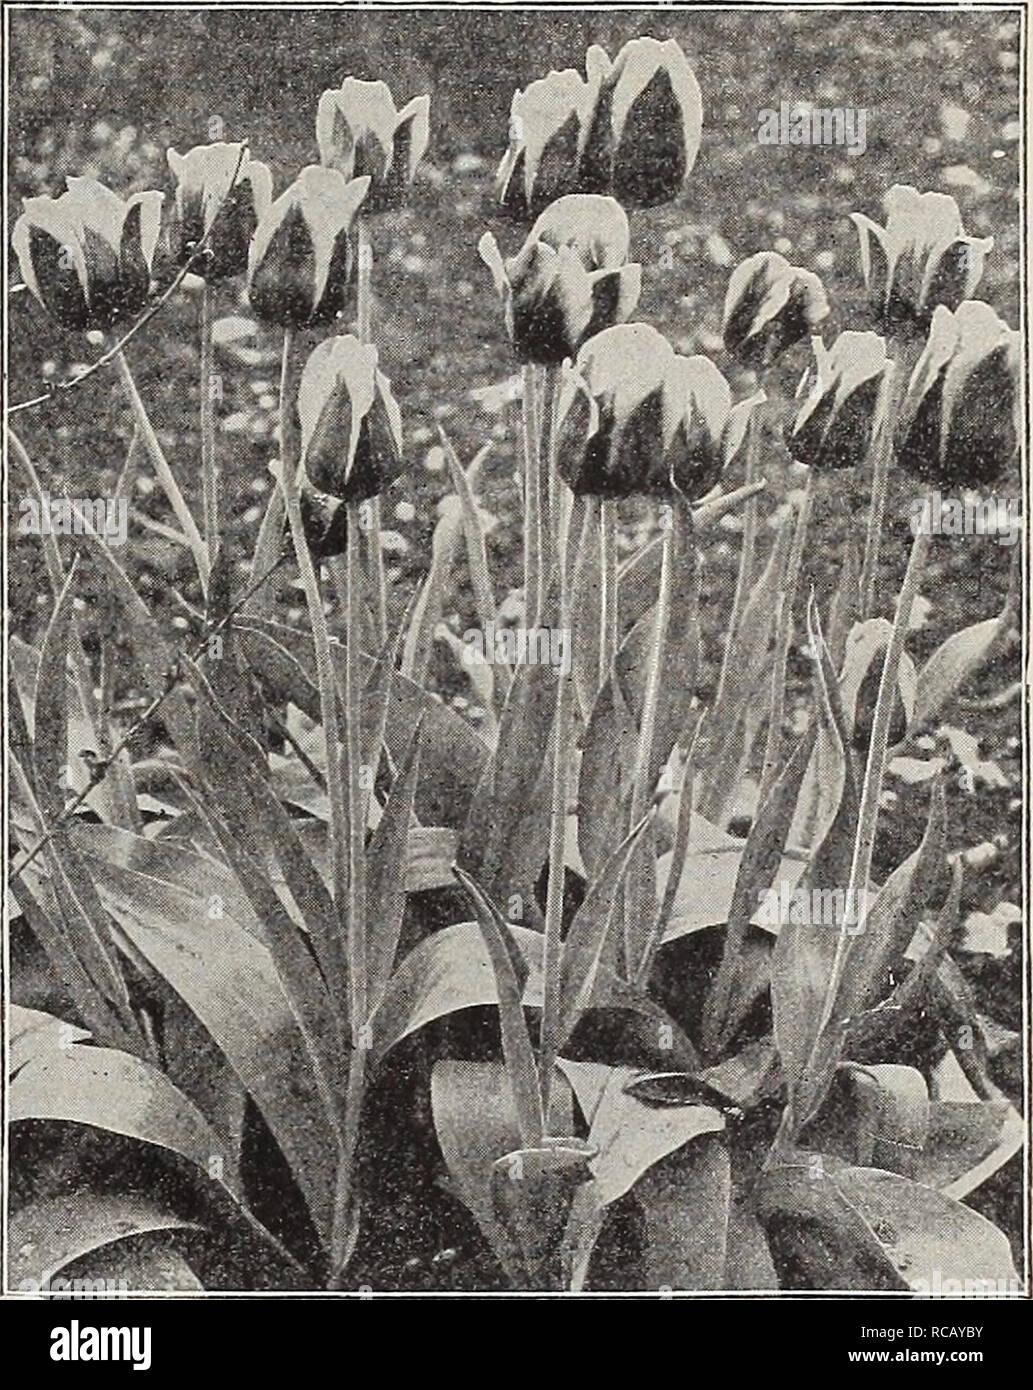 """. Dreer del catalogo autunno 1911. Lampadine (piante) cataloghi; fiori Semi cataloghi; attrezzature da giardinaggio e fornisce cataloghi; Vivai (orticoltura) cataloghi; semi di frutta cataloghi; semi di ortaggi cataloghi. llBiRpm^plMp^^ 9 5ingle primi tulipani. Selezionare Standard Ordina. In aggiunta ai dieci """"inimitabile"""" e """"Grand""""' ordina offerta sulla pagina opposta, offriamo i seguenti molto selezionare ordina, i quali sono tutti di prima classe in ogni senso. In seguito il nome di ciascuna varietà diamo la sua media altezza in pollici. Quelli contrassegnati e sono i primi a fiorire, seguiti da quelli contrassegnati con M Foto Stock"""